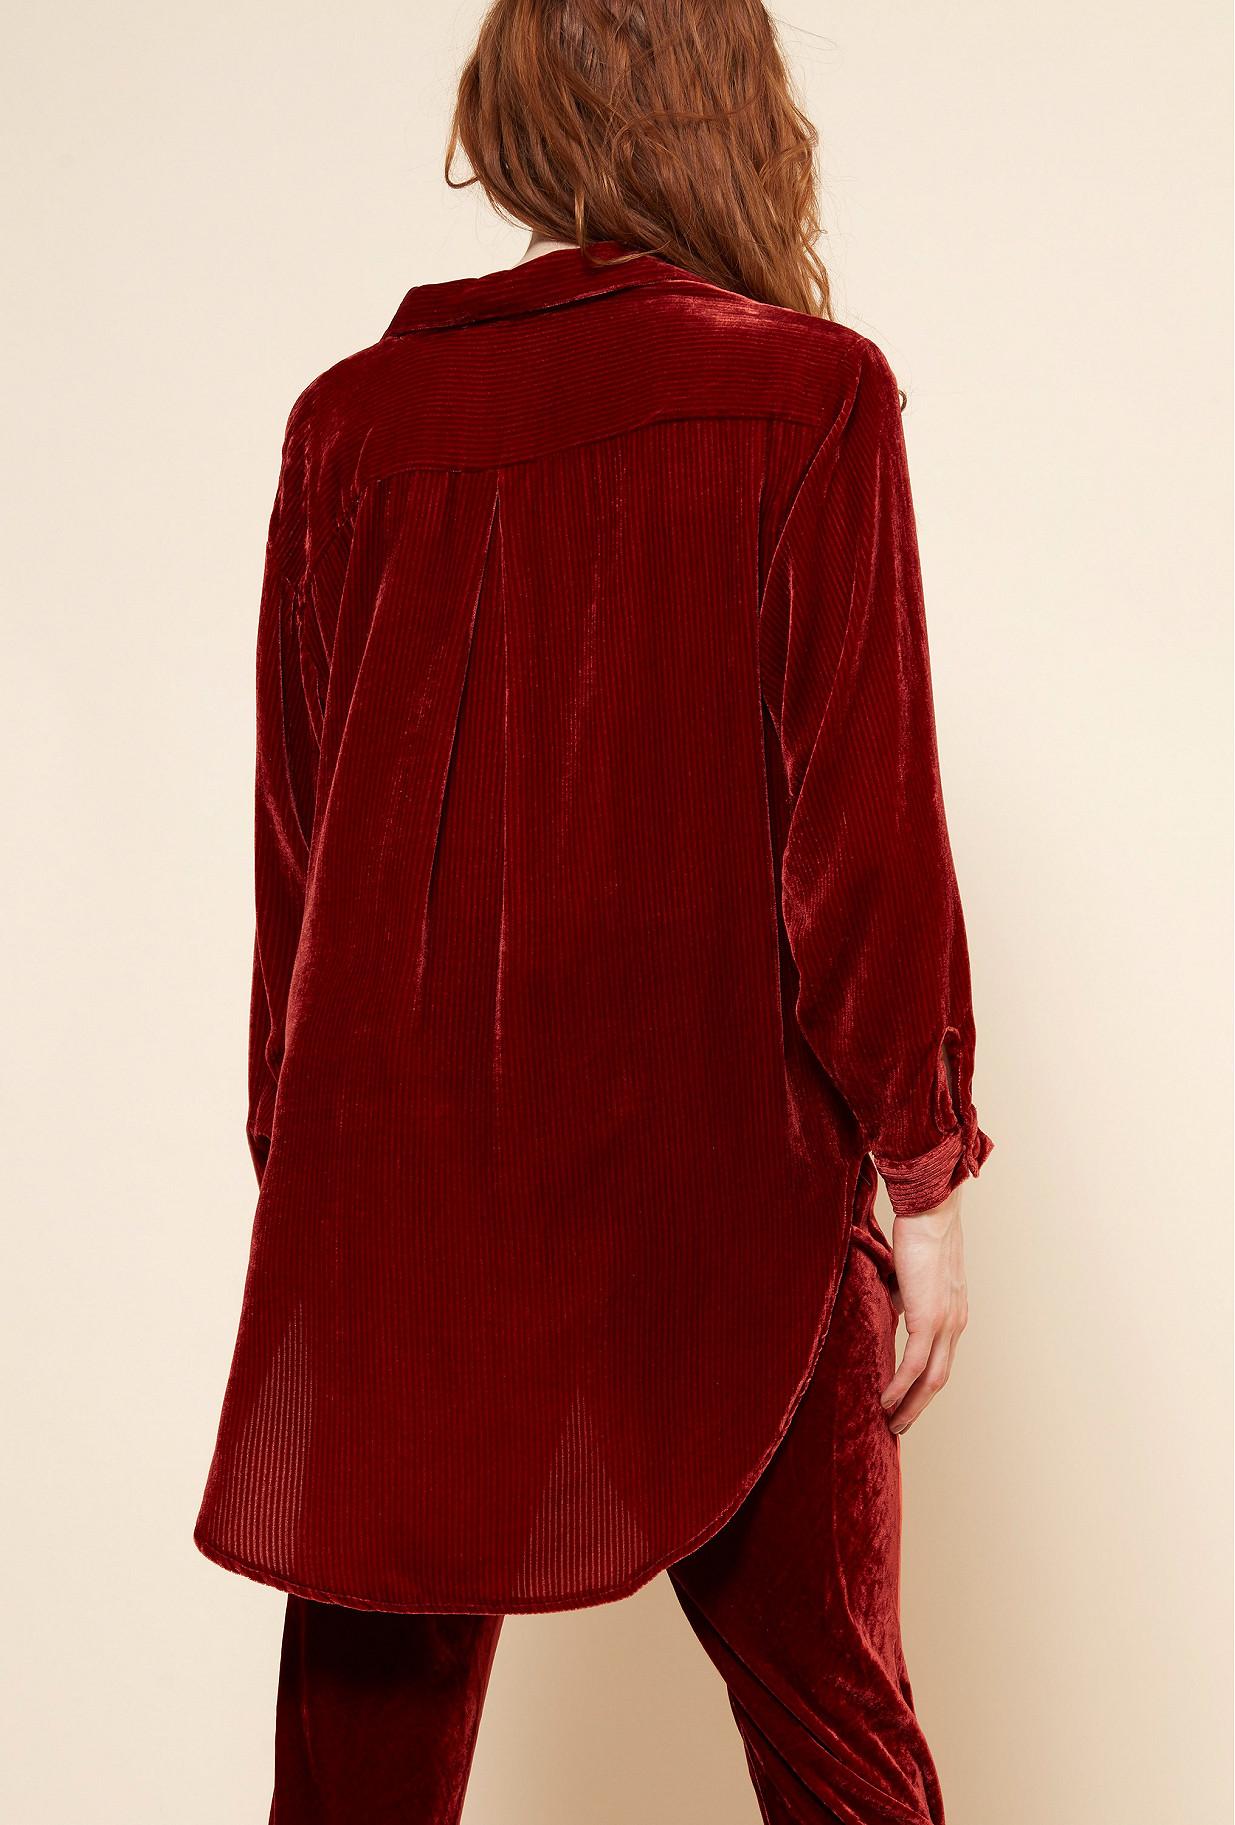 Paris clothes store SHIRT  Matteo french designer fashion Paris